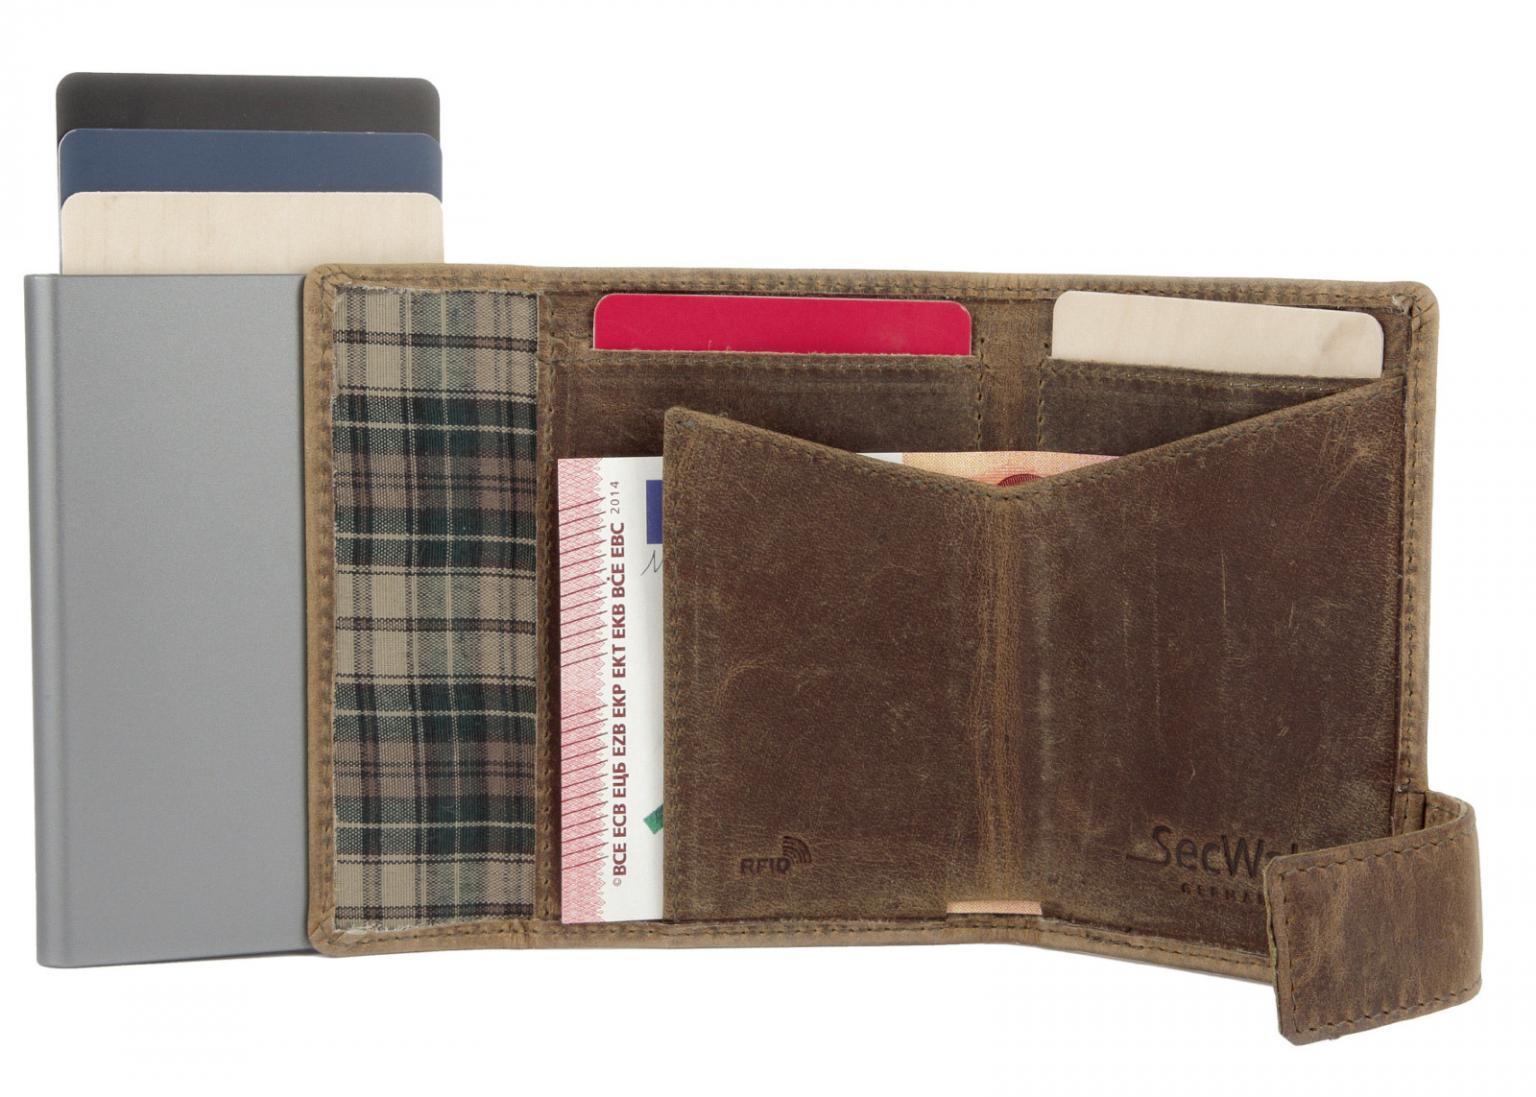 SecWal Kartenbörse Geldtasche RFID Ausleseschutz braun